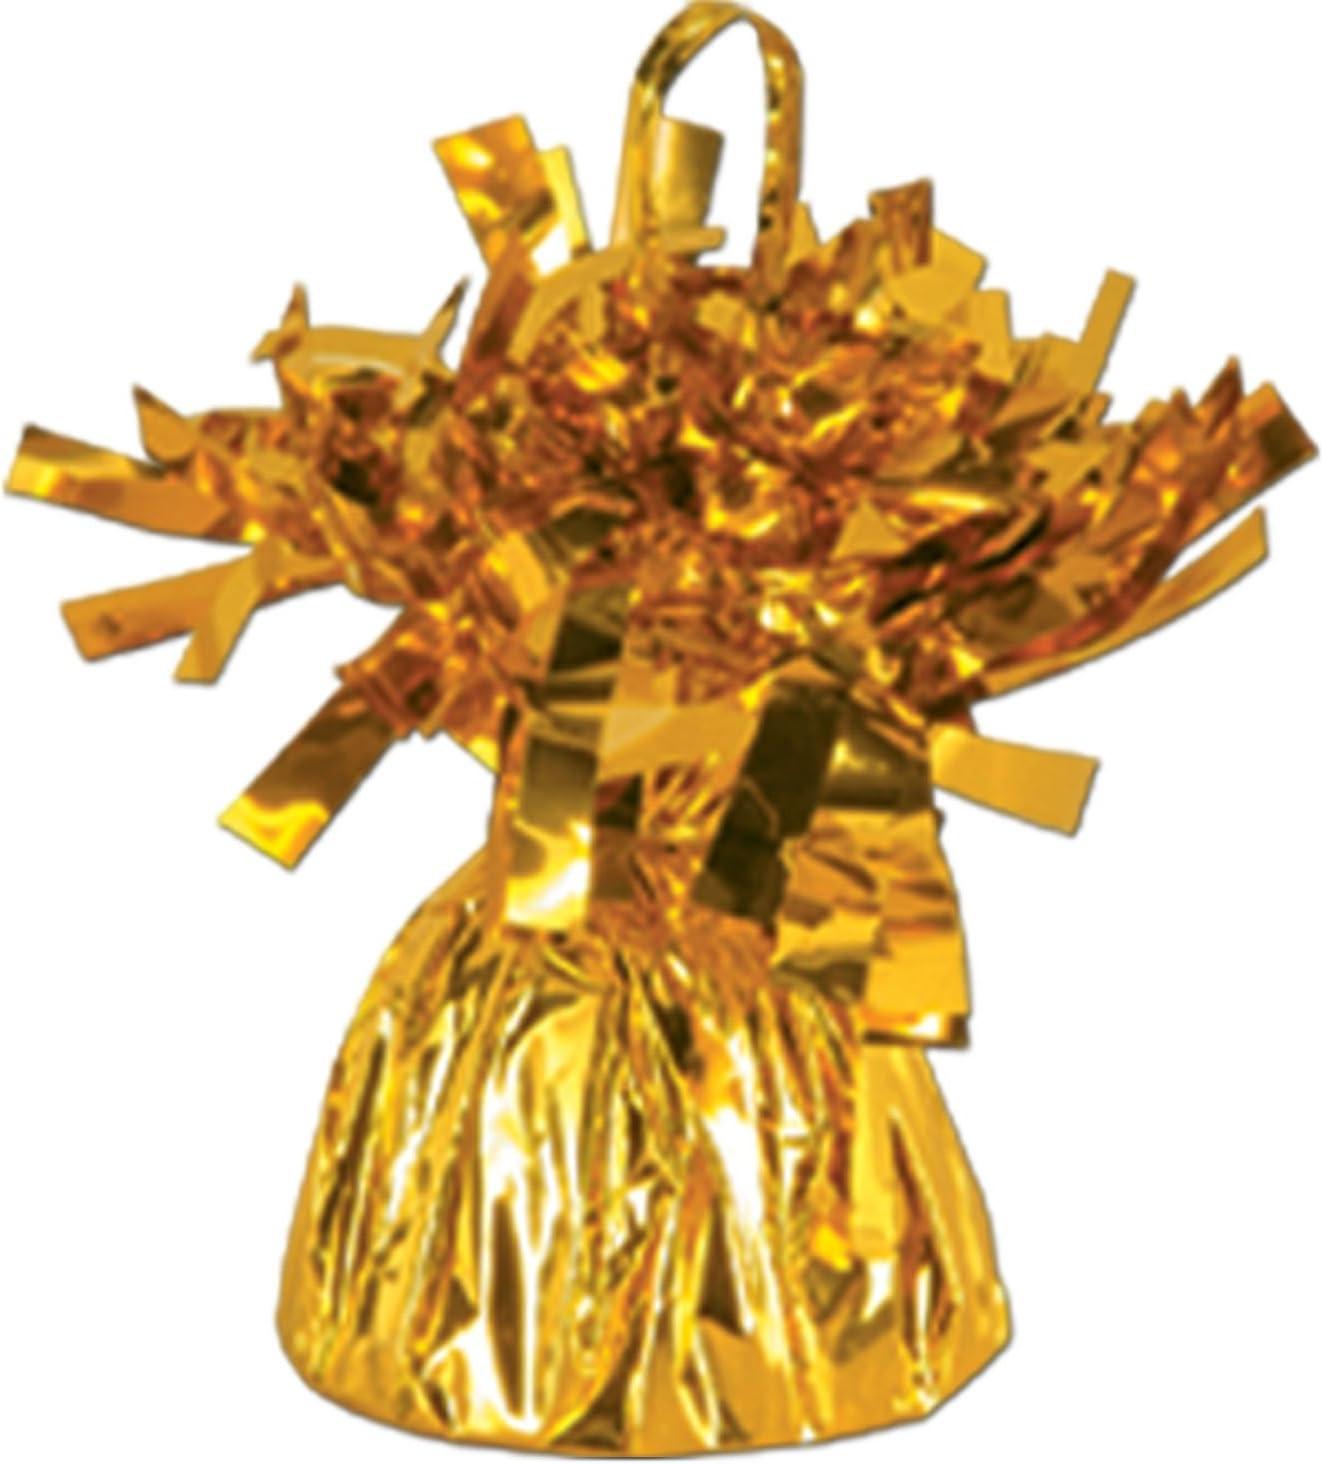 Gold Metallic Balloon Weight 6oz 6 Per Pack Forum Novelties 50804-GD